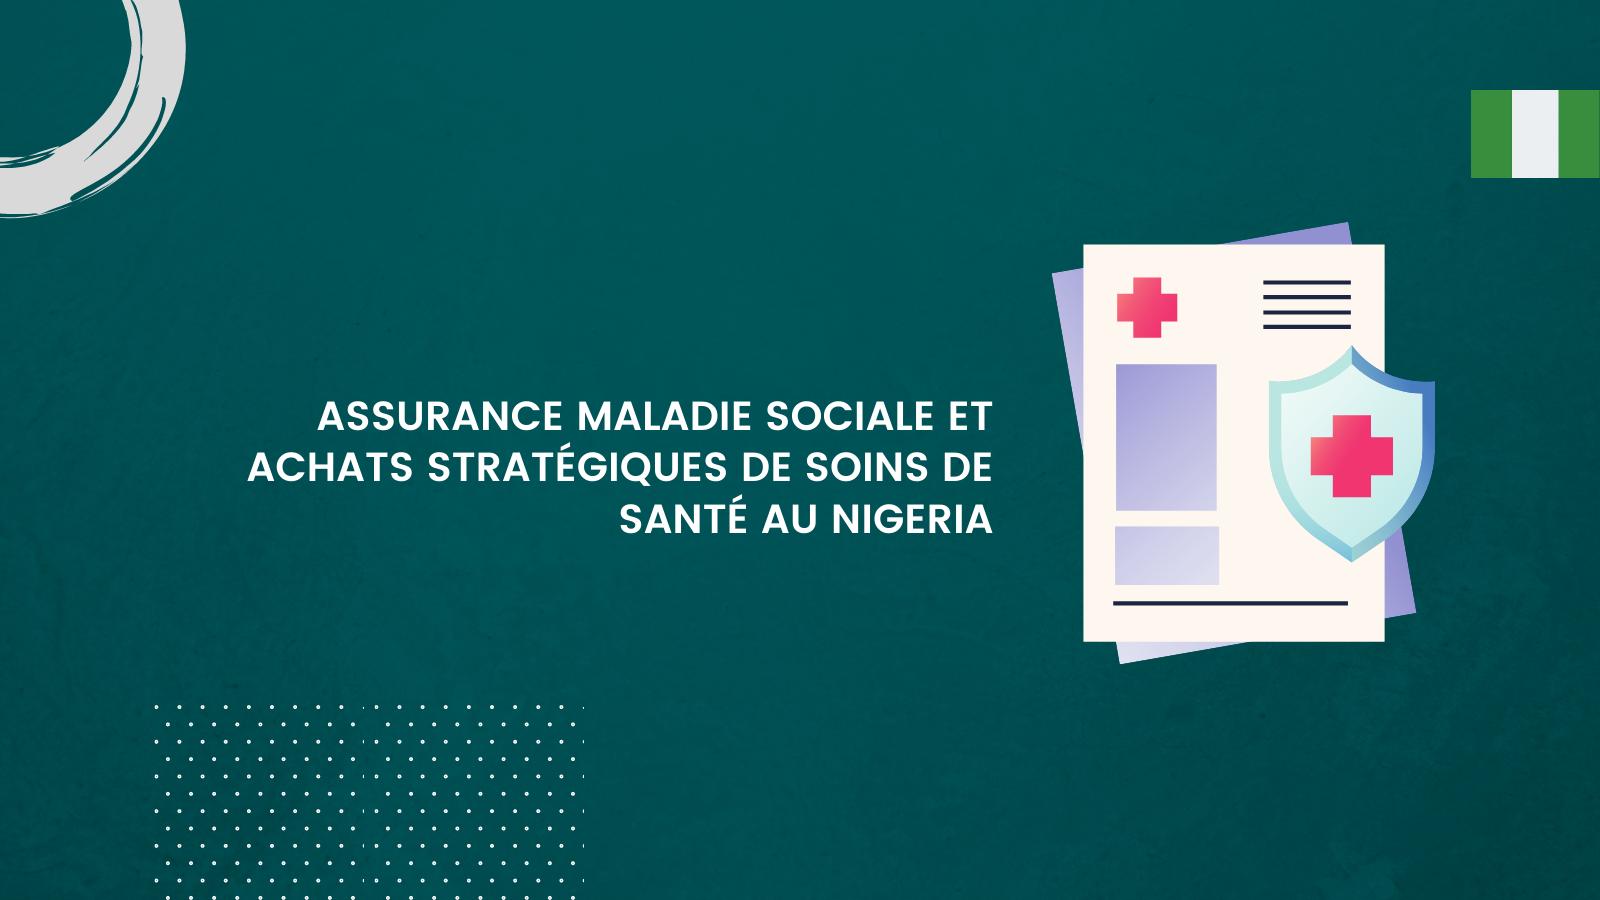 Assurance maladie sociale et achats stratégiques de soins de santé au Nigeria